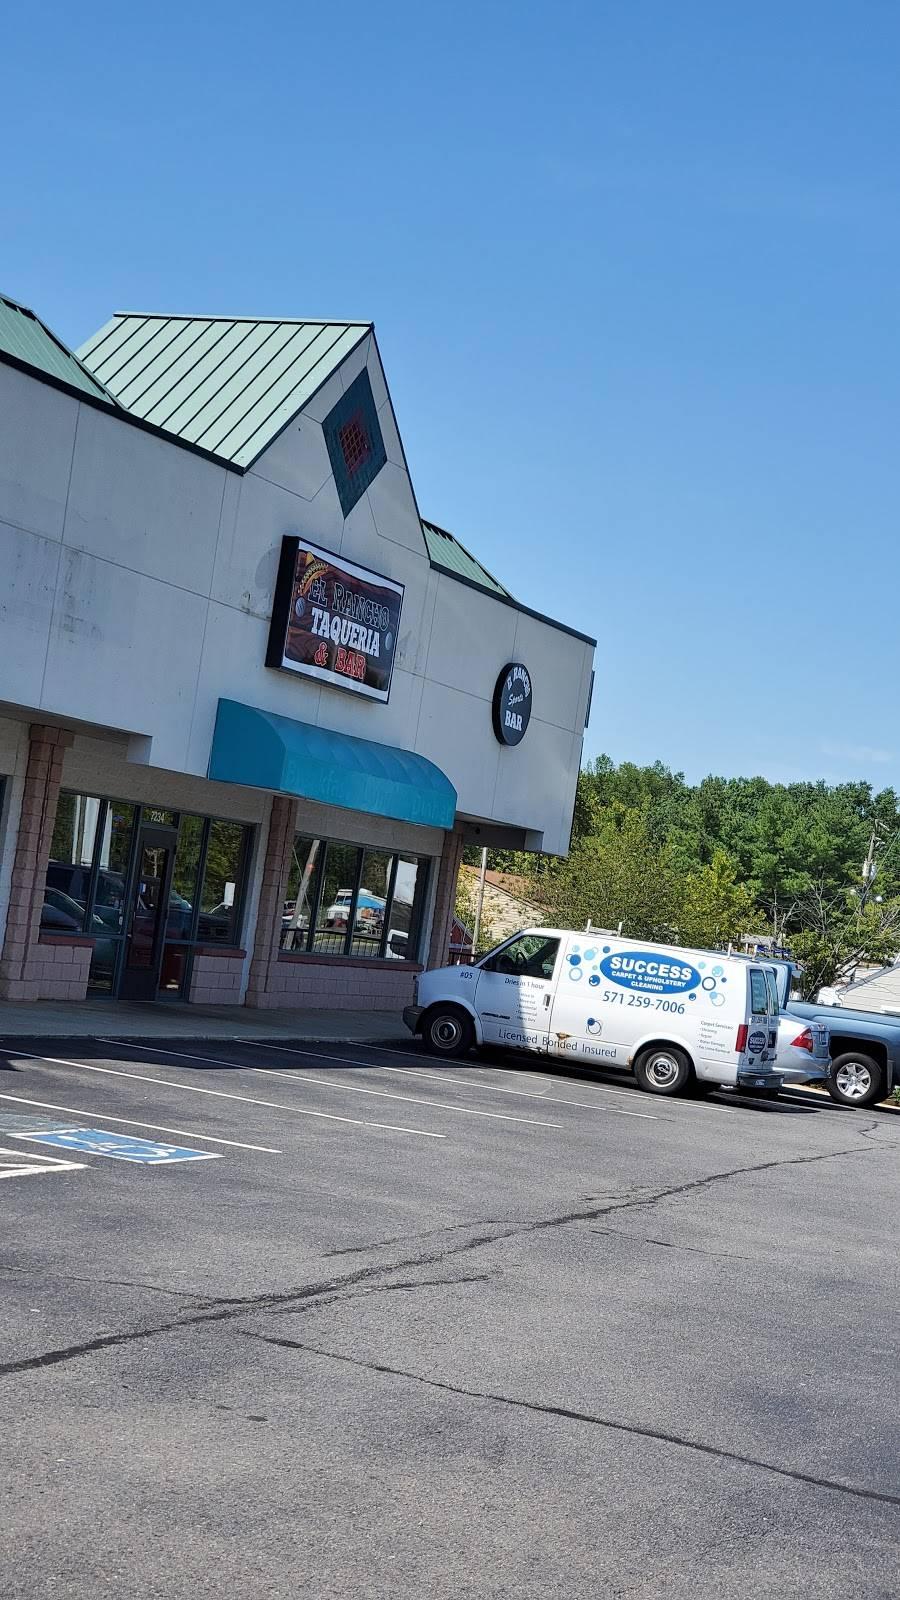 El Rancho Taqueria & Bar | restaurant | 7234 VA-28, City of Manassas, VA 20111, USA | 5713797777 OR +1 571-379-7777